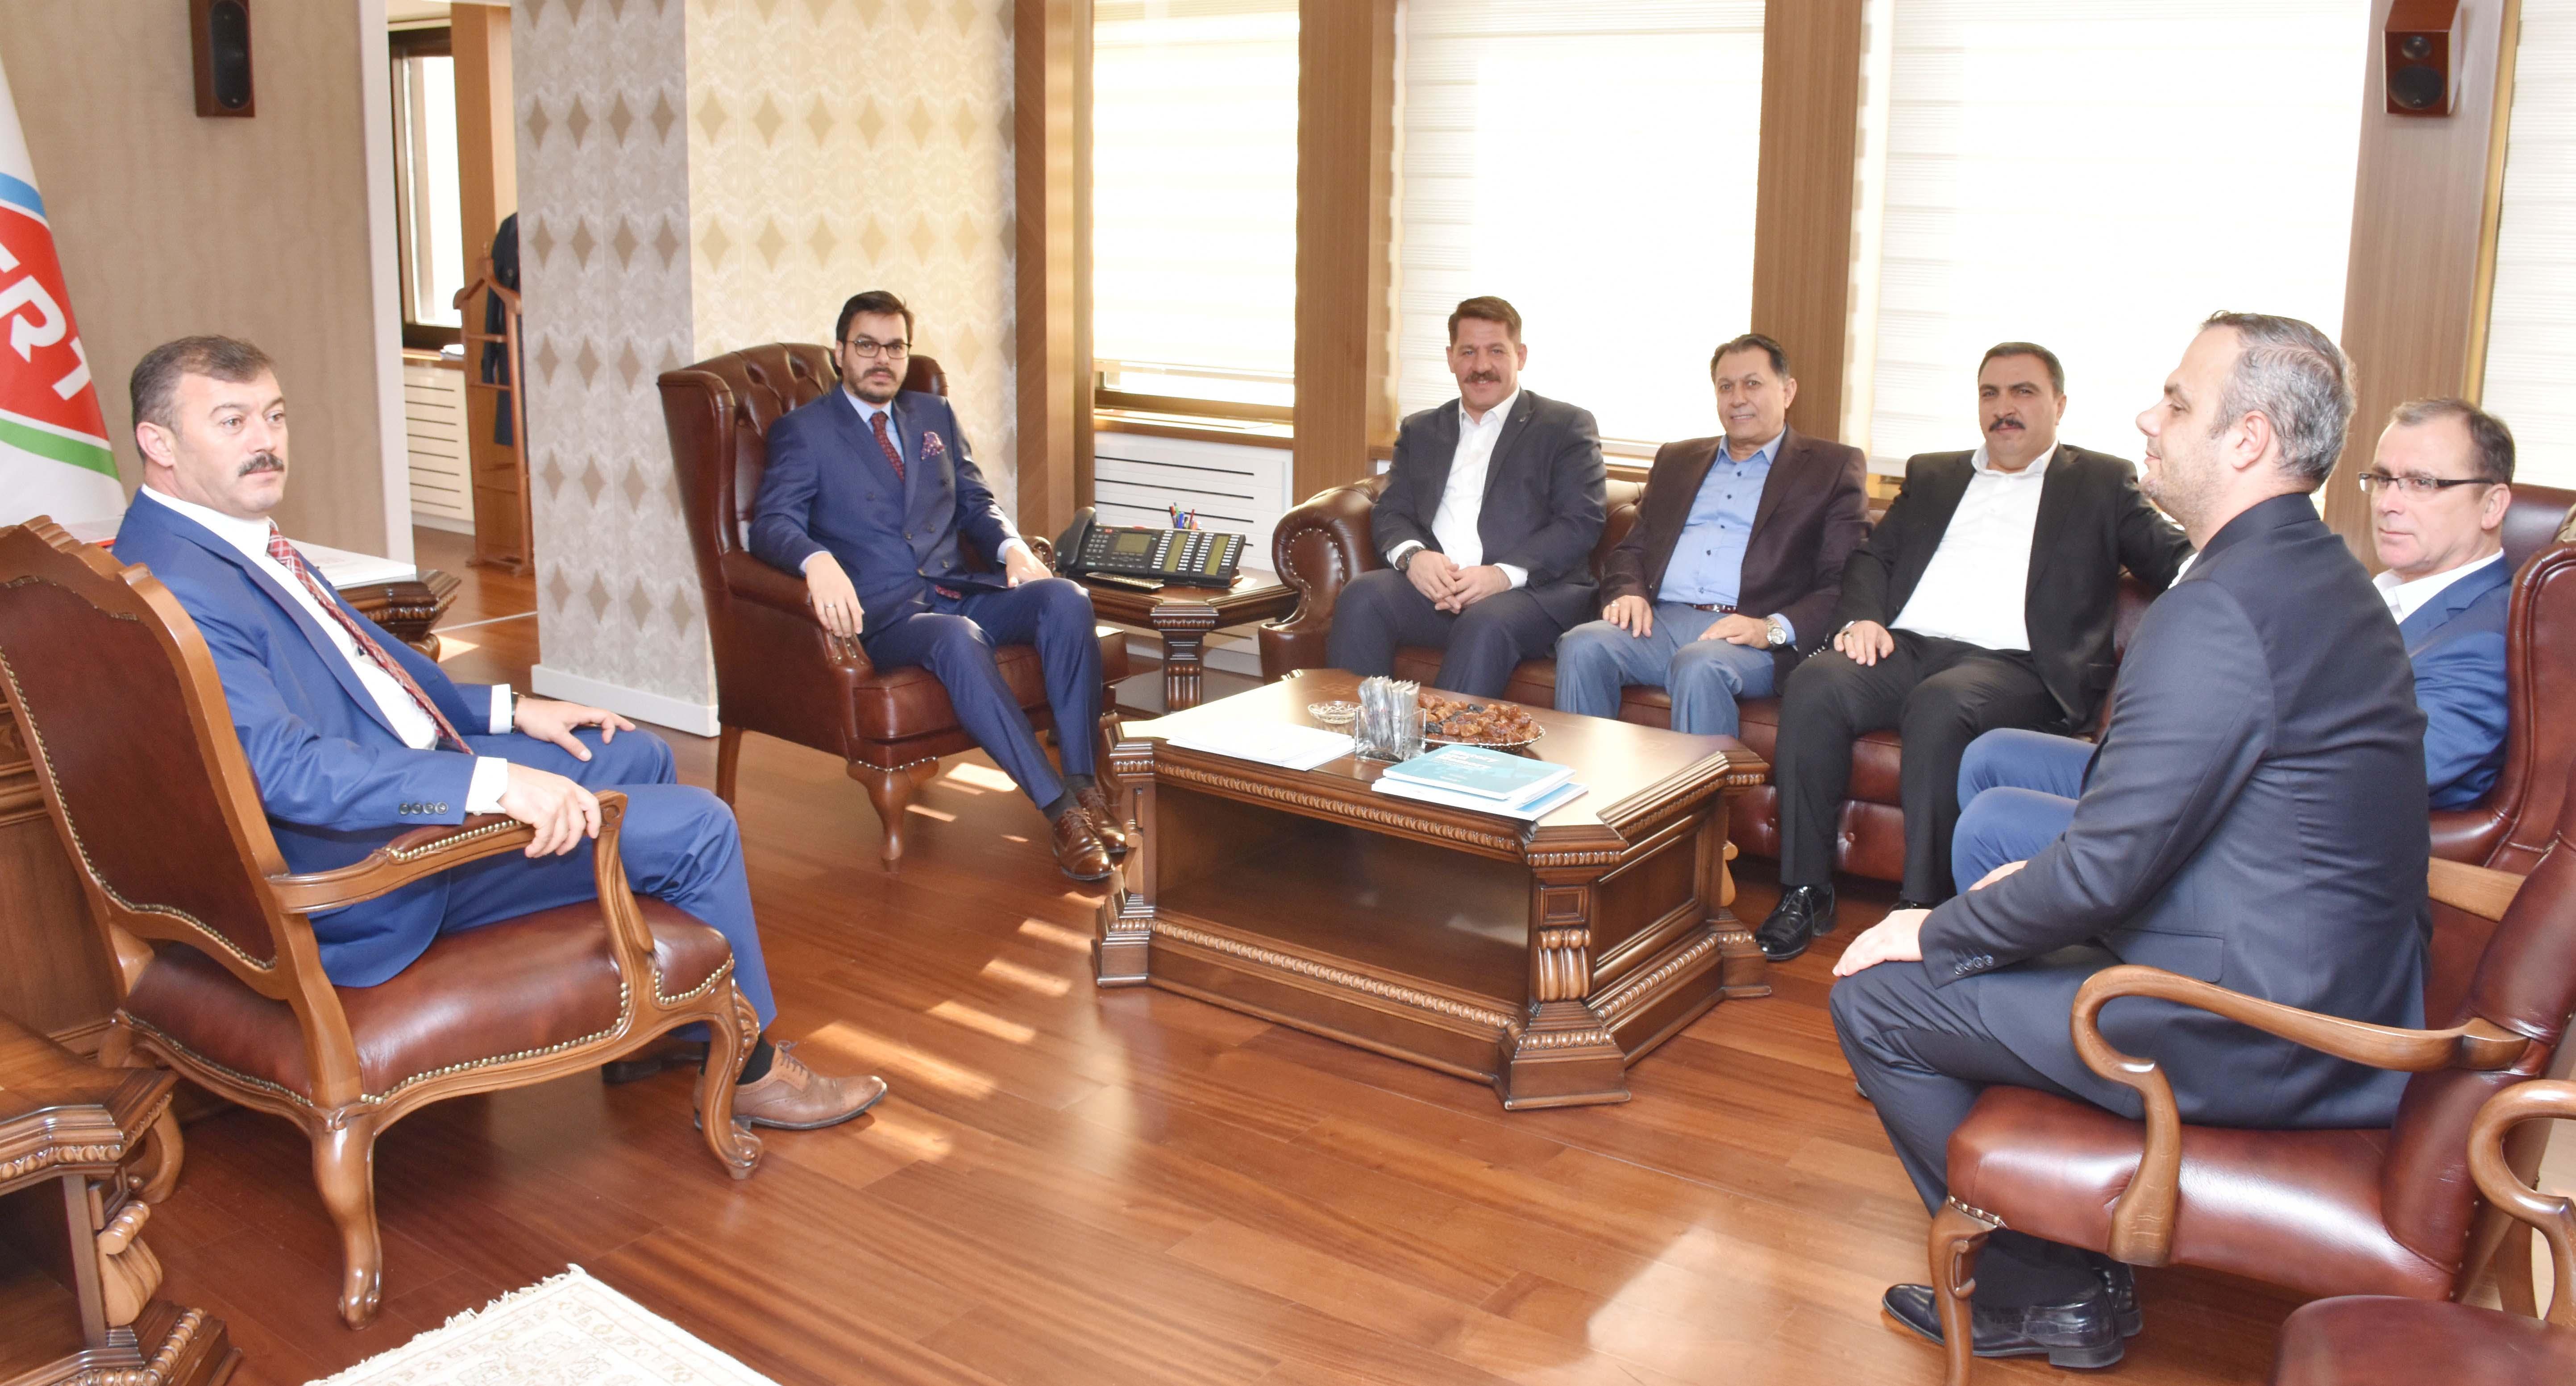 Birlik Haber-Sen'den TRT Genel Müdürü Eren' e Hayırlı Olsun Ziyareti